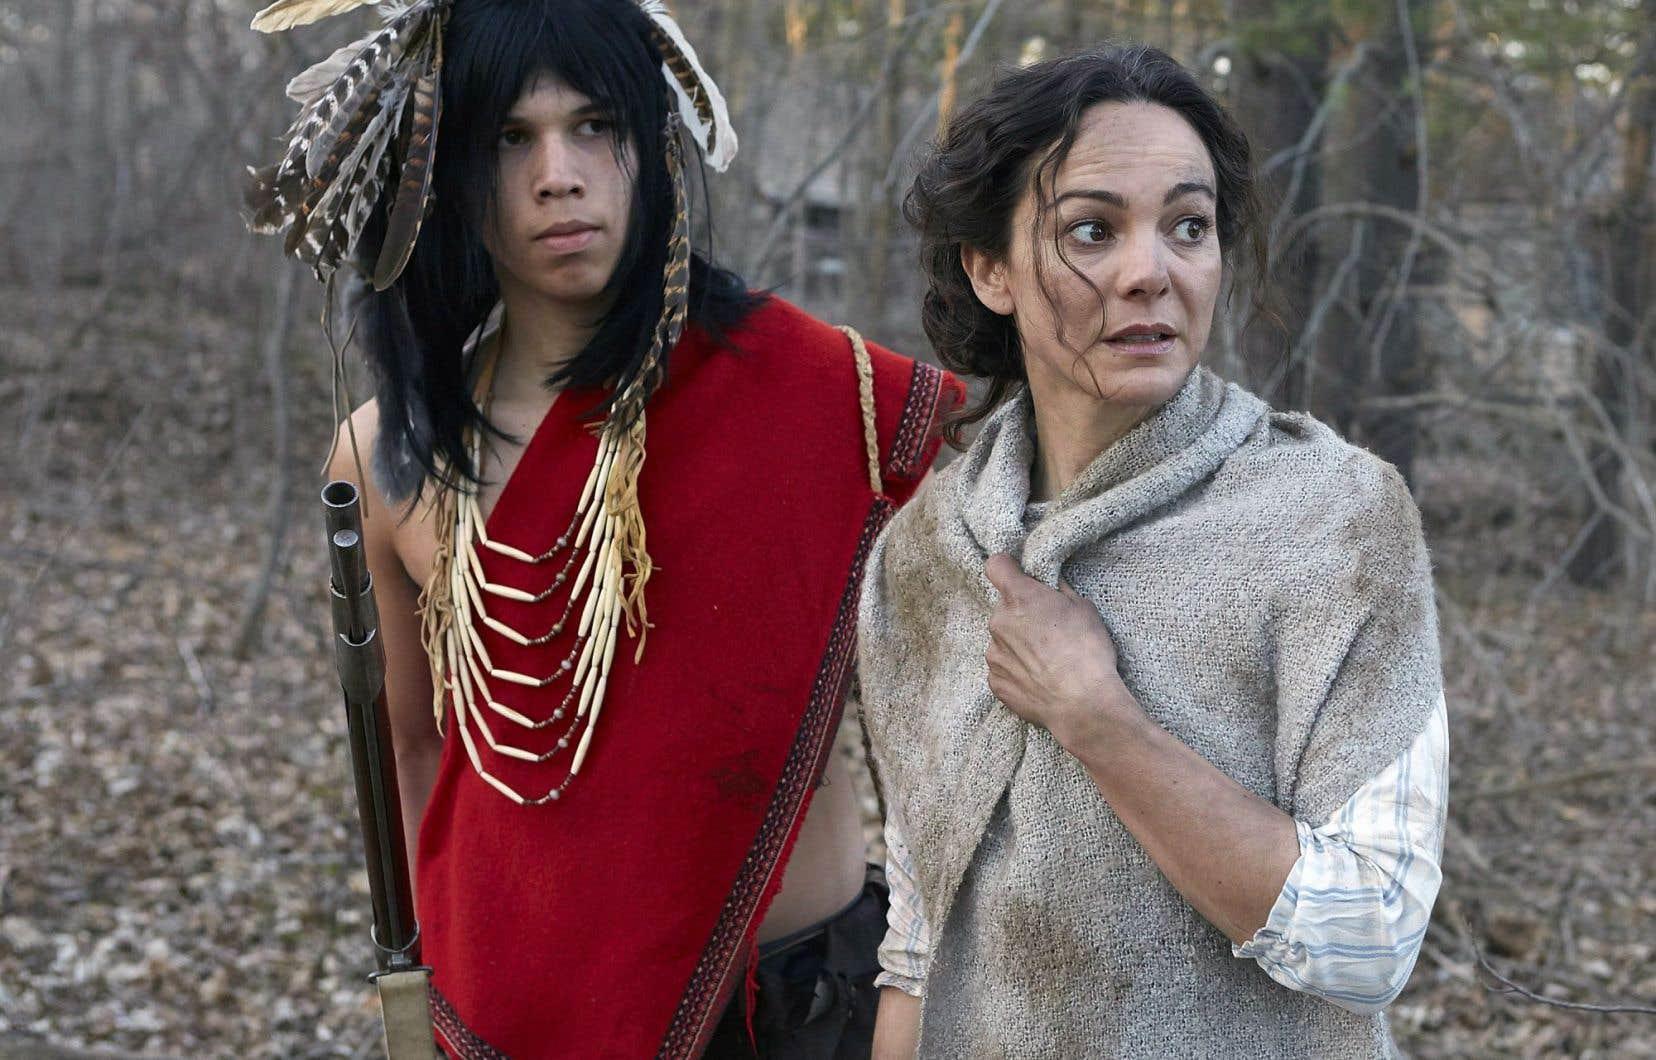 Un épisode de la série « Canada: The Story of Us » met en scène l'histoire de Laura Secord et du guerrier cayuga John Tutela.